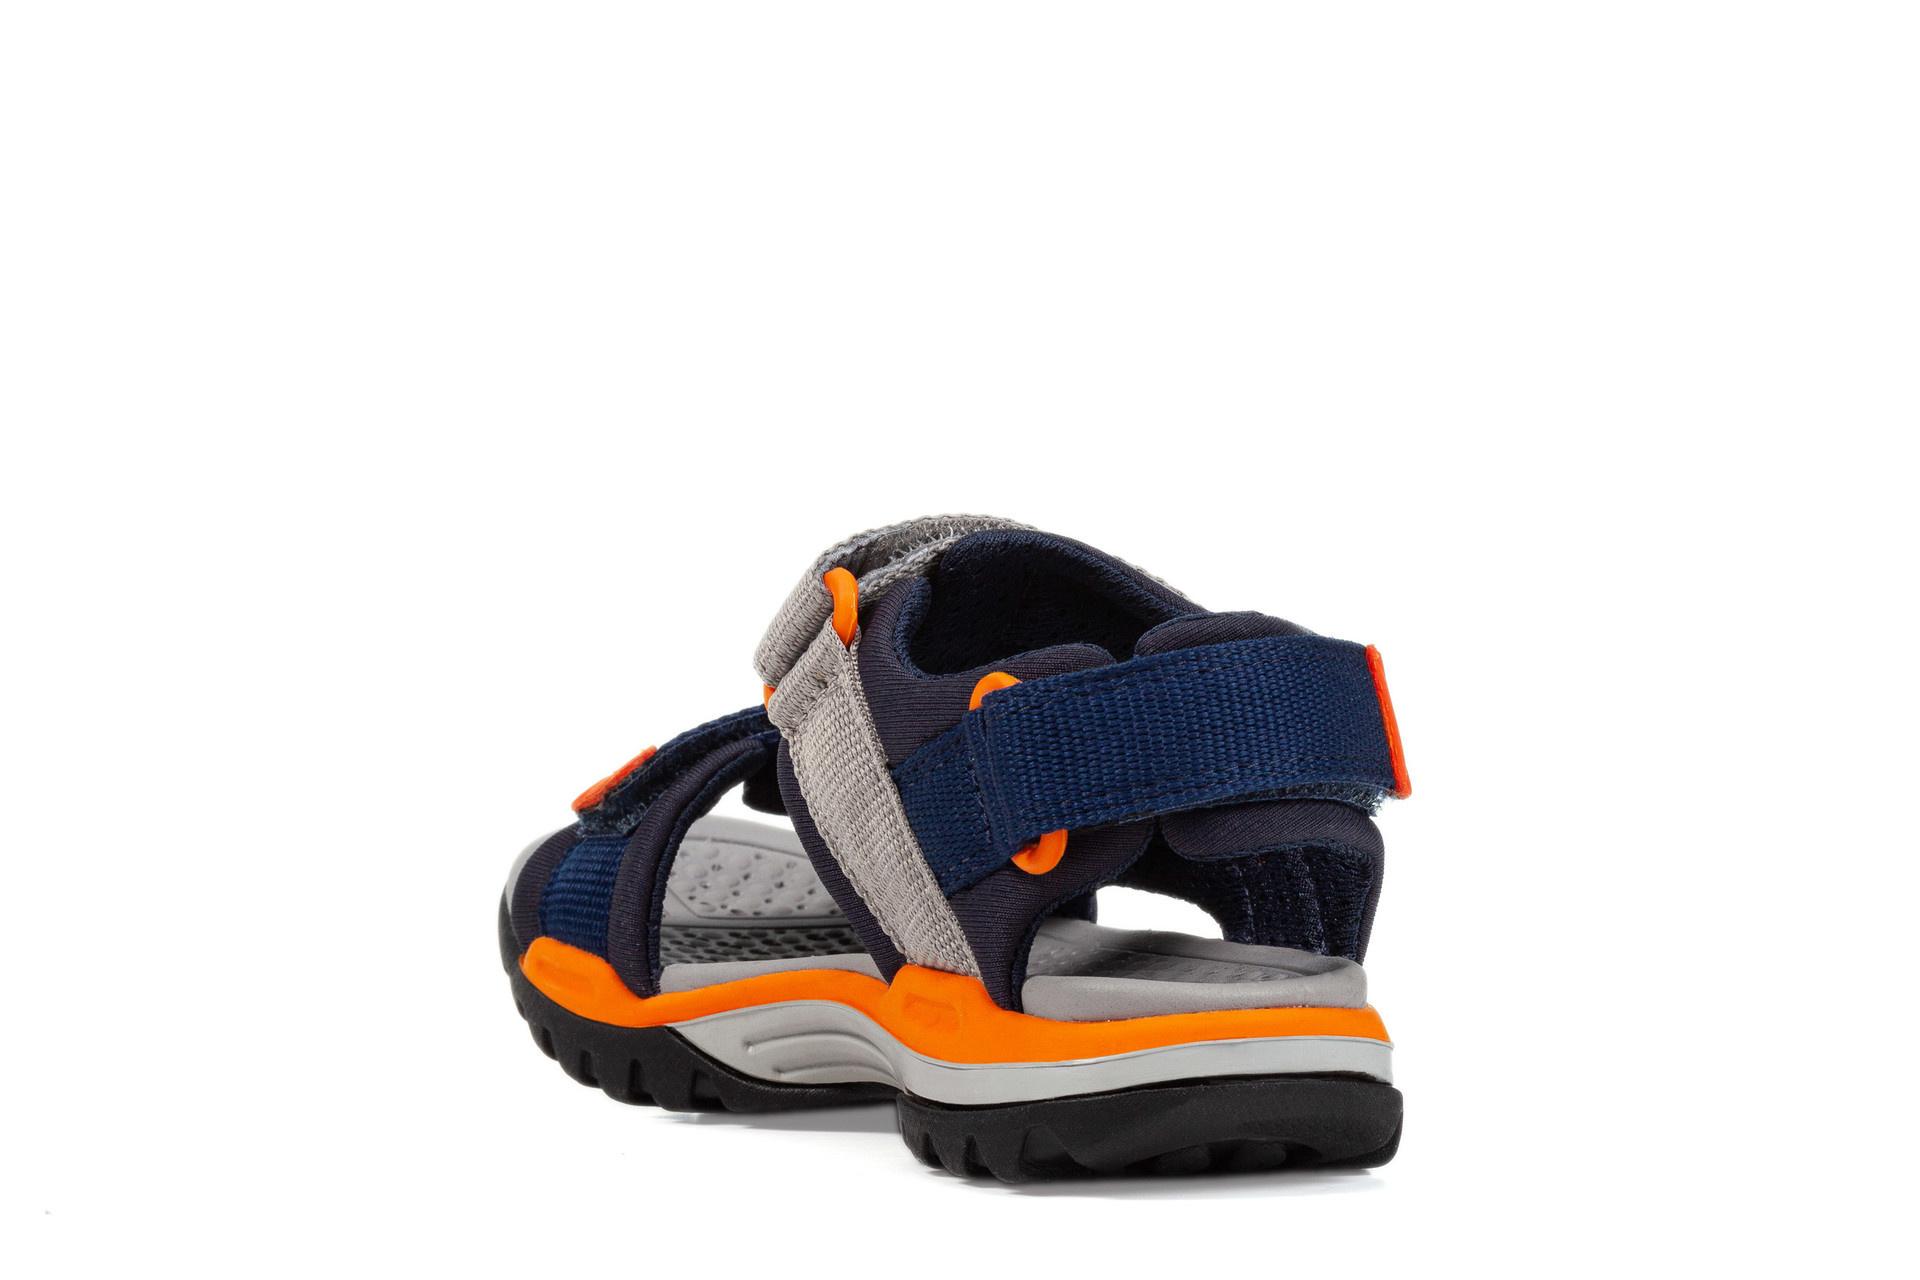 Geox Borealis Navy/Orange